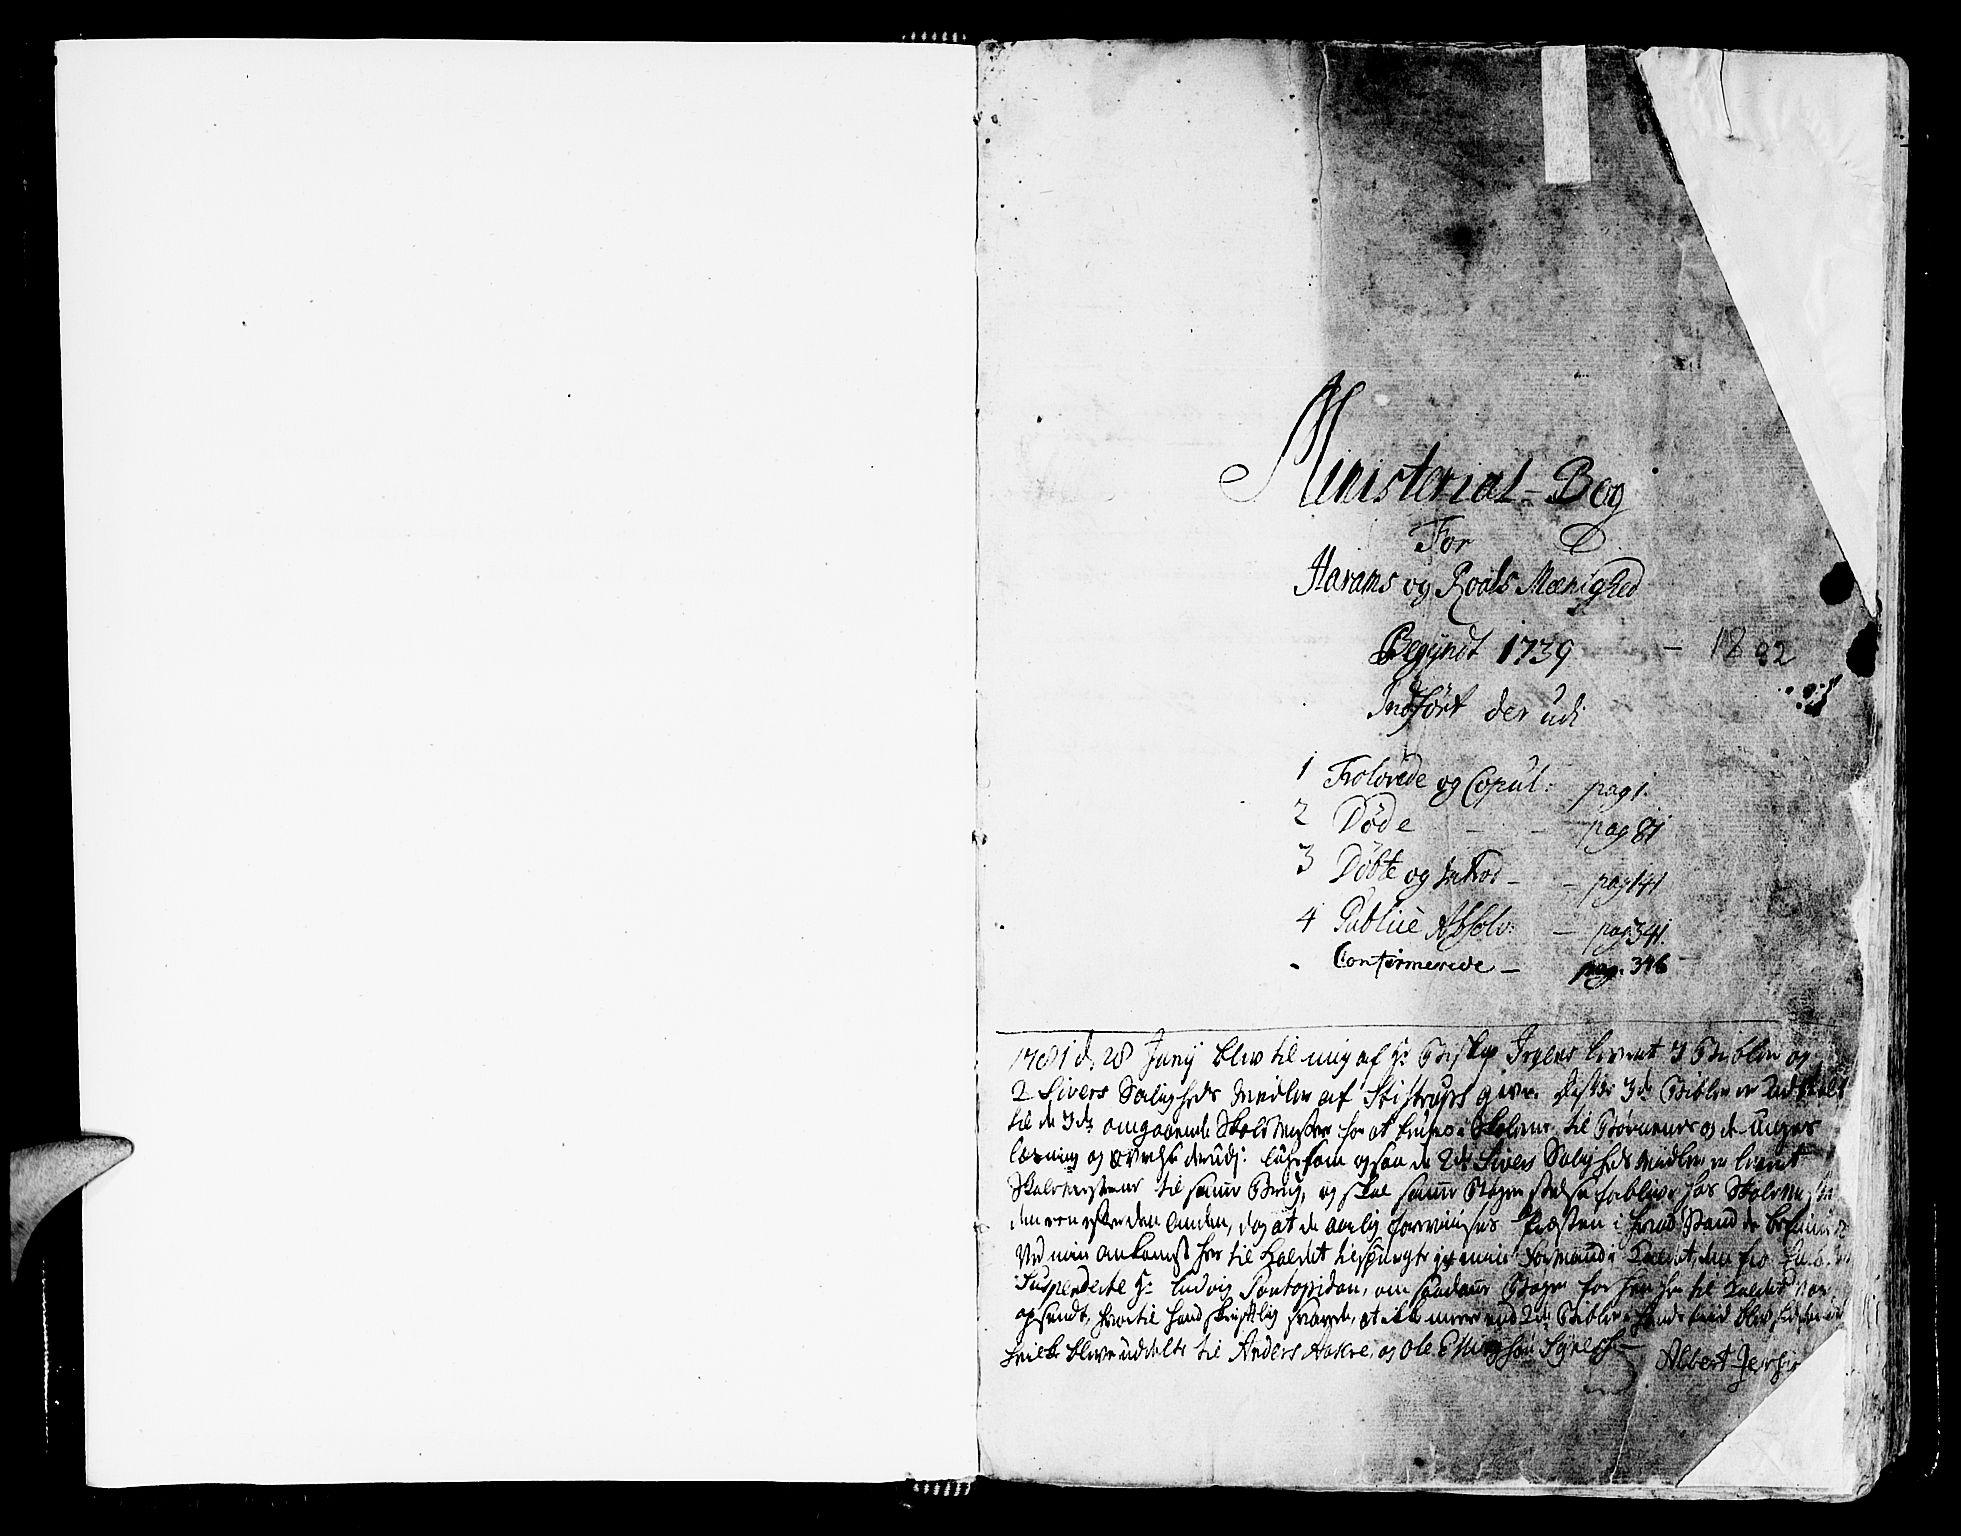 SAT, Ministerialprotokoller, klokkerbøker og fødselsregistre - Møre og Romsdal, 536/L0493: Ministerialbok nr. 536A02, 1739-1802